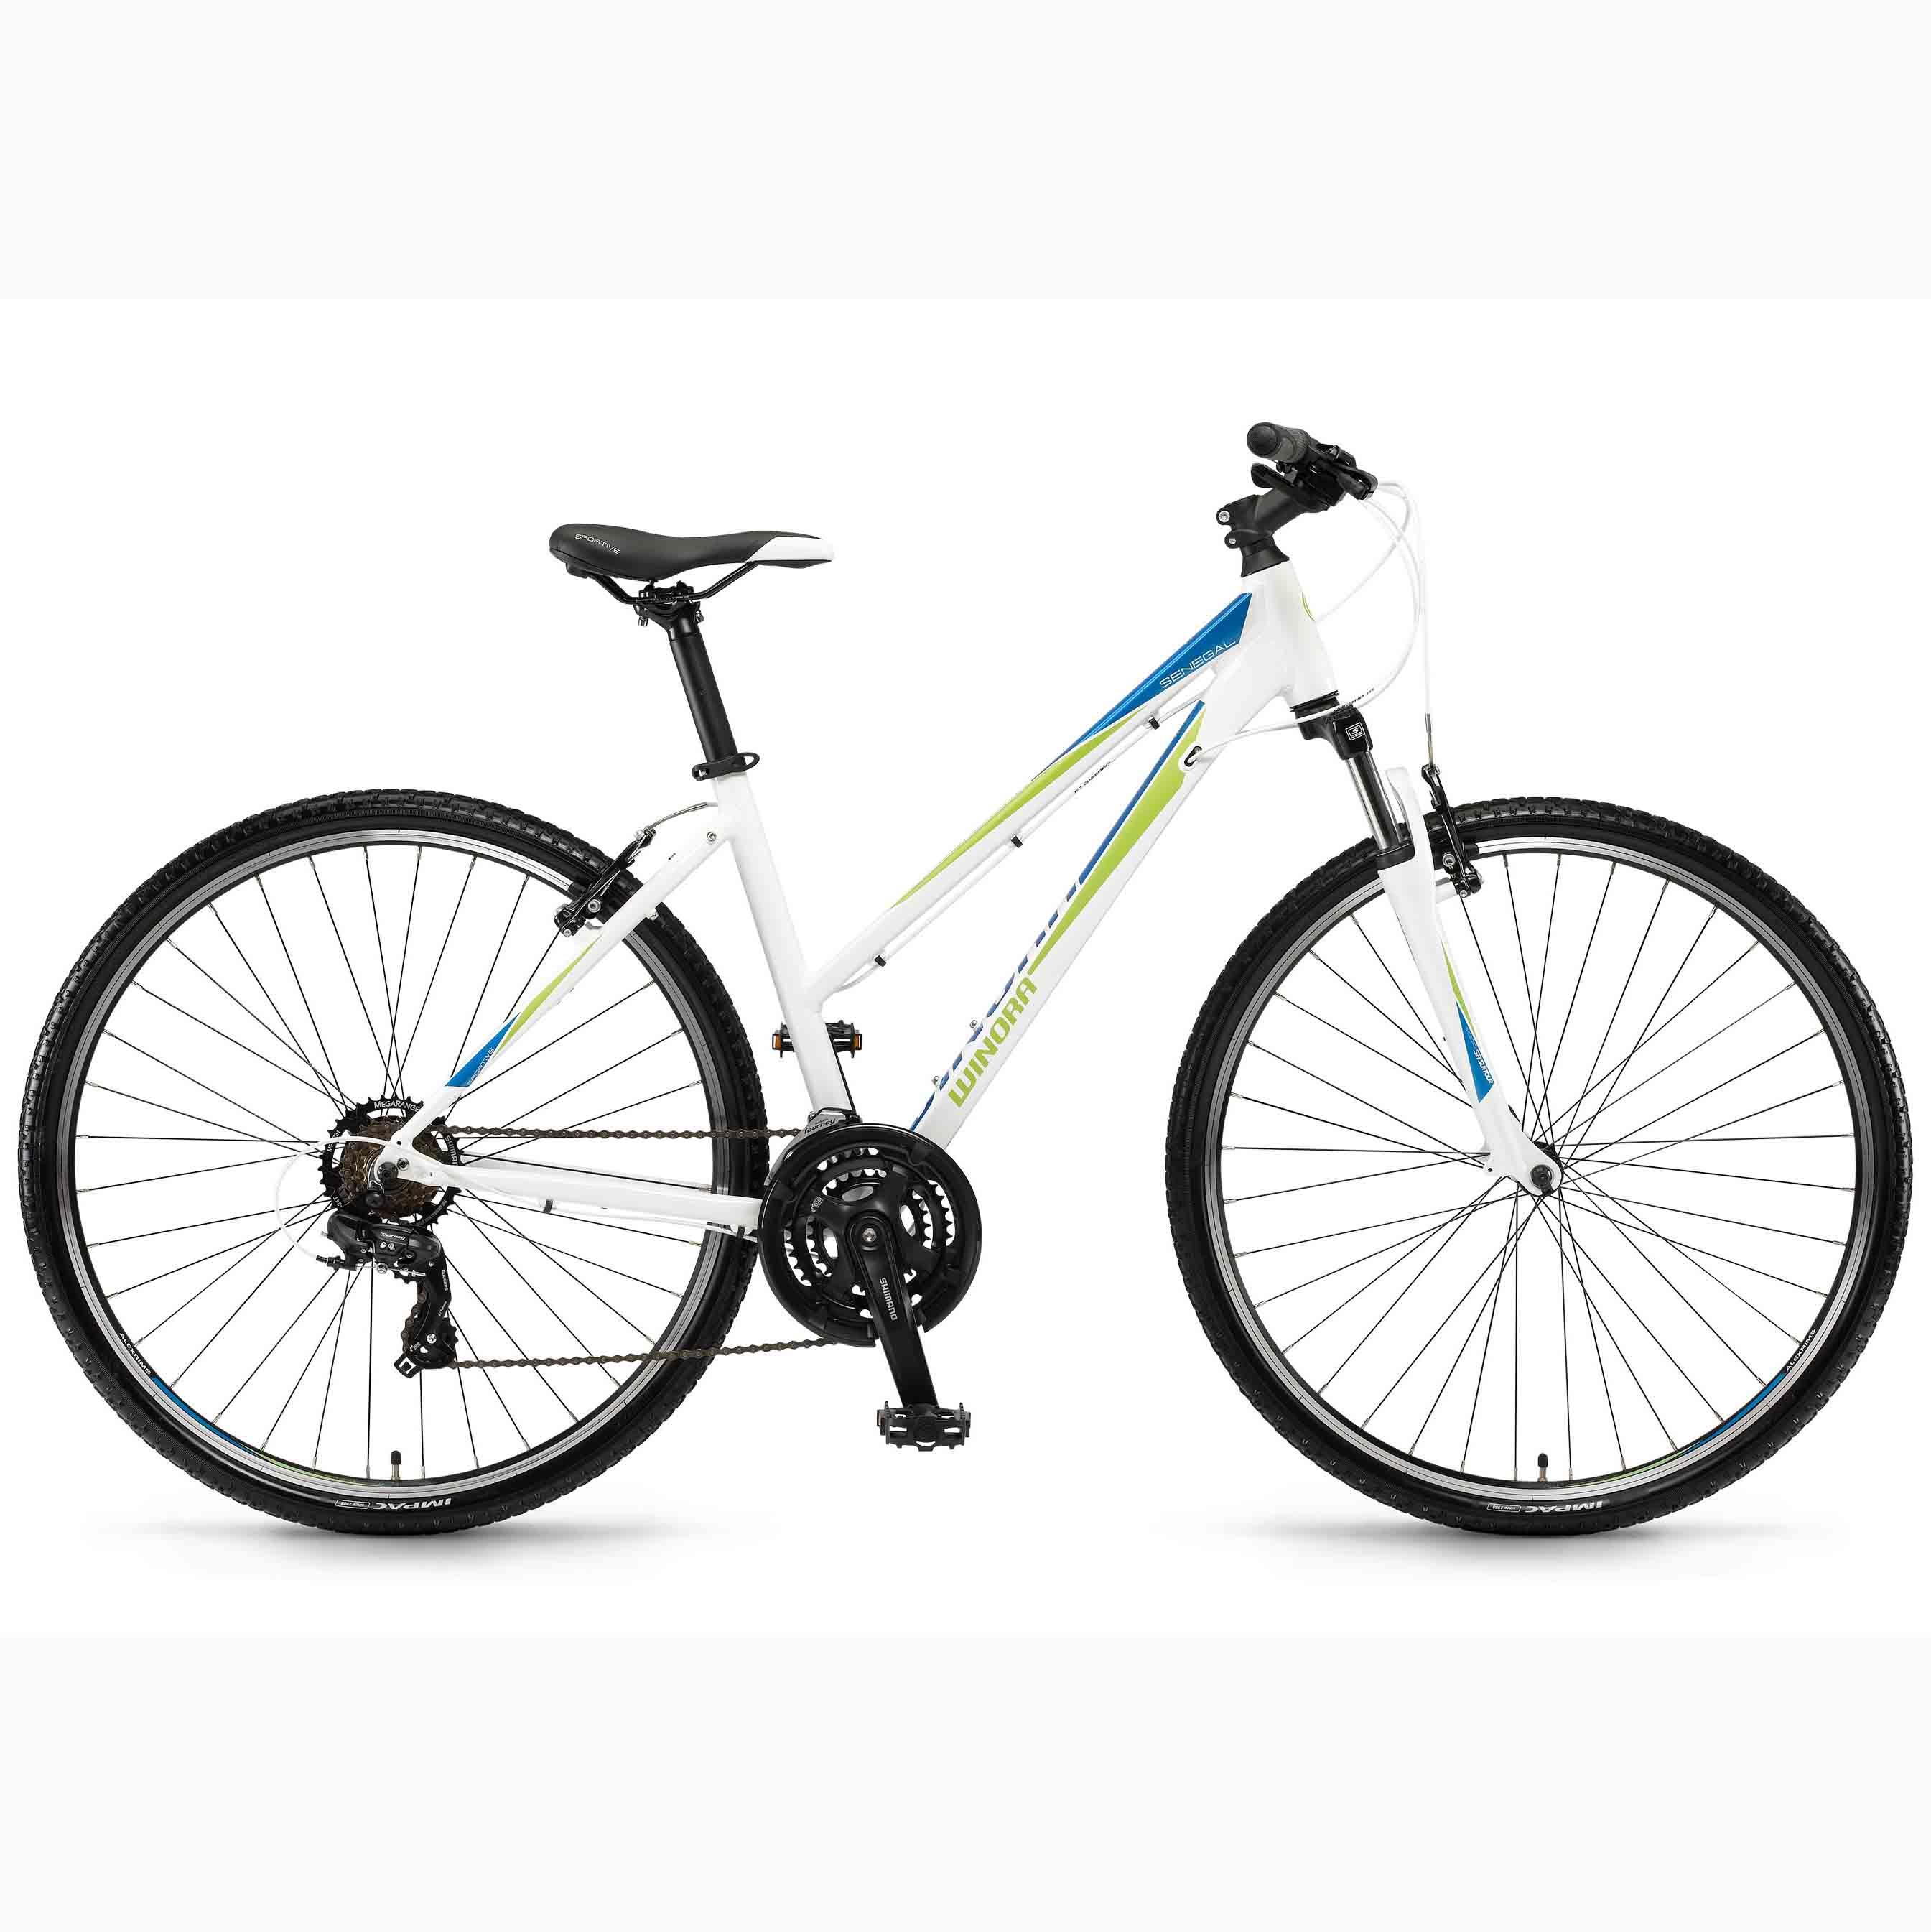 Фото Велосипед Winora Senegal lady 28″, рама 46см, 2018